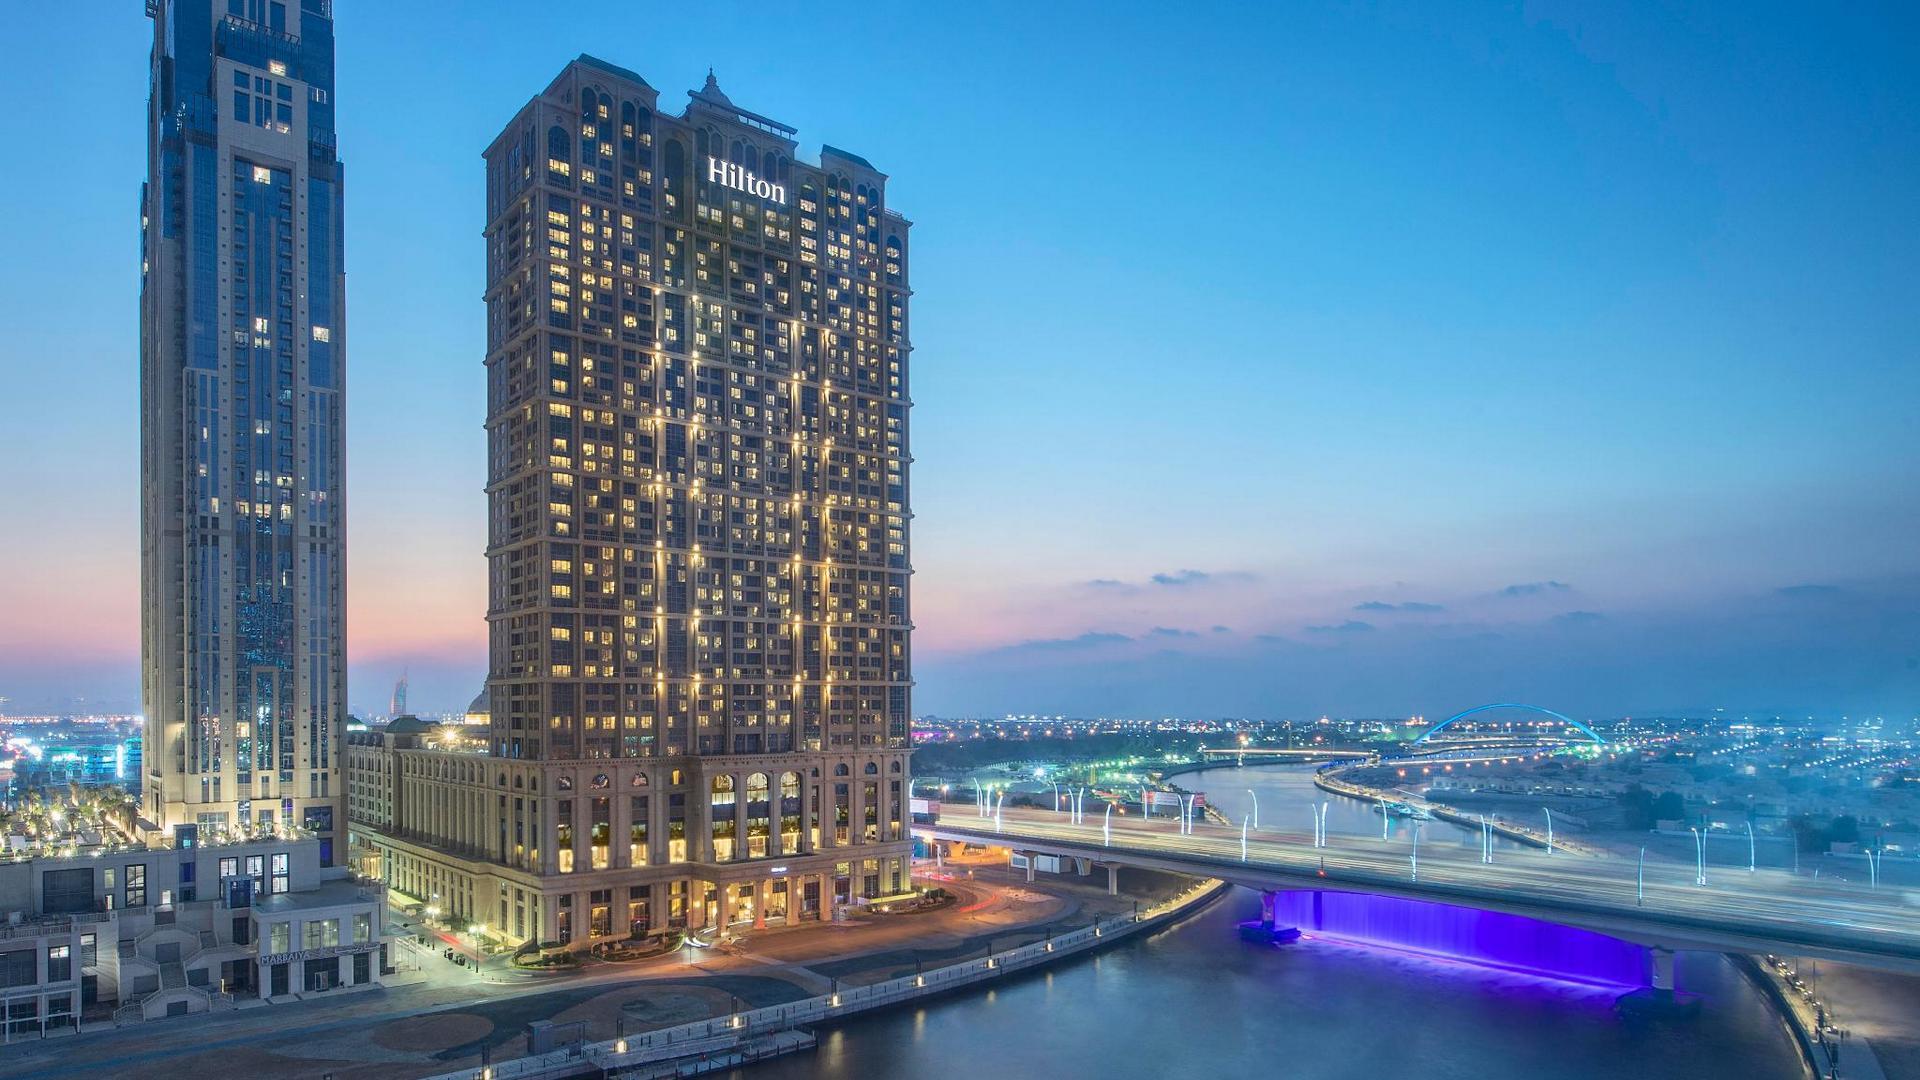 Ático en venta en Dubai, EAU, 7 dormitorios, 2724 m2, № 24064 – foto 8